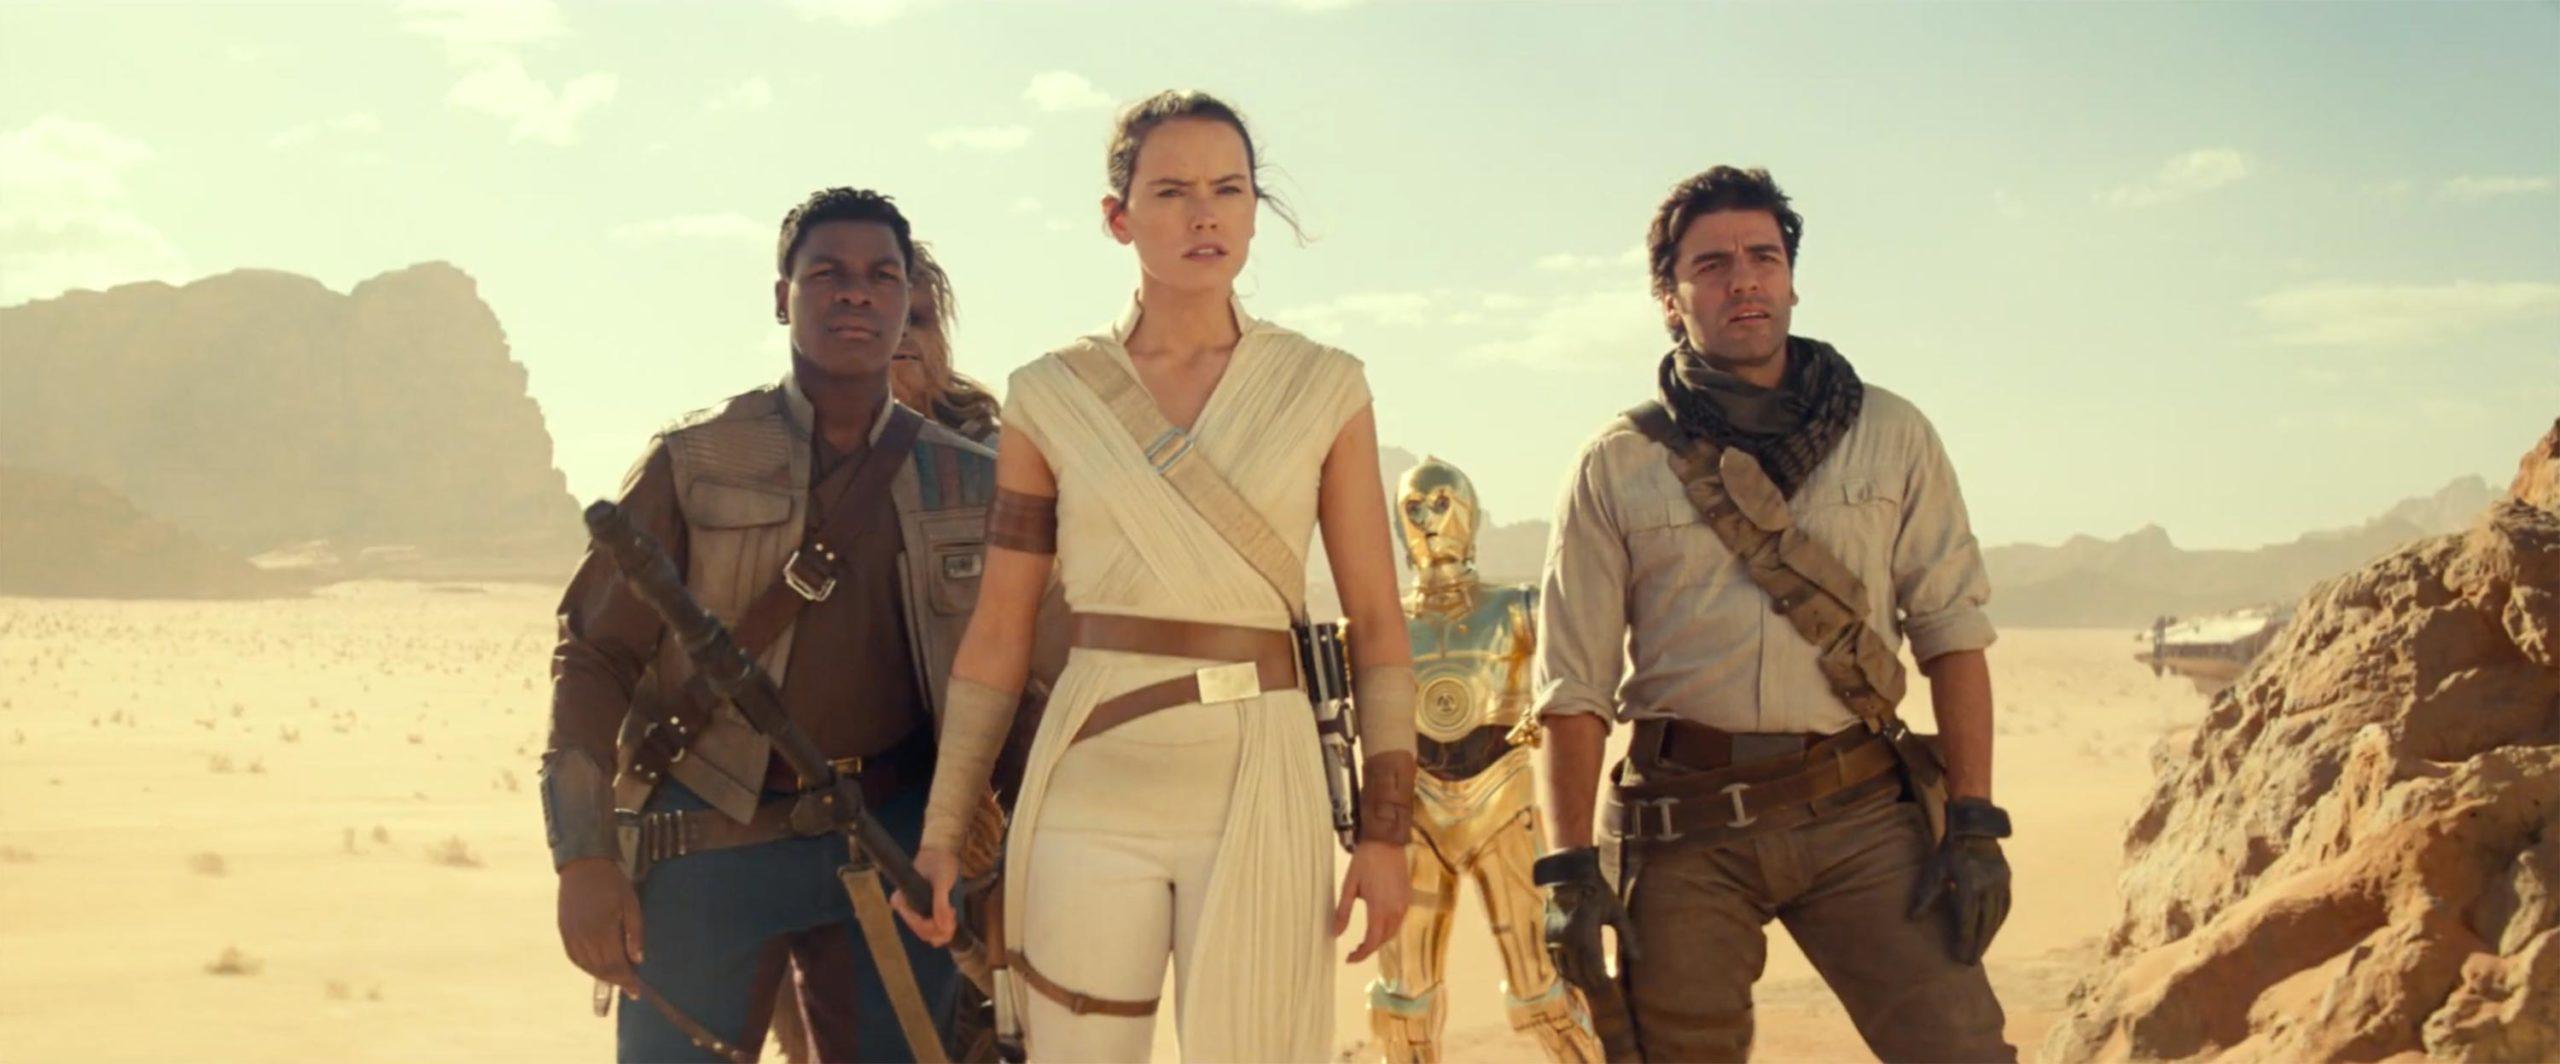 Rey aura à voyager aux confins de la galaxie pour découvrir qui se cache derrière la nouvelle menace pour la Résistance